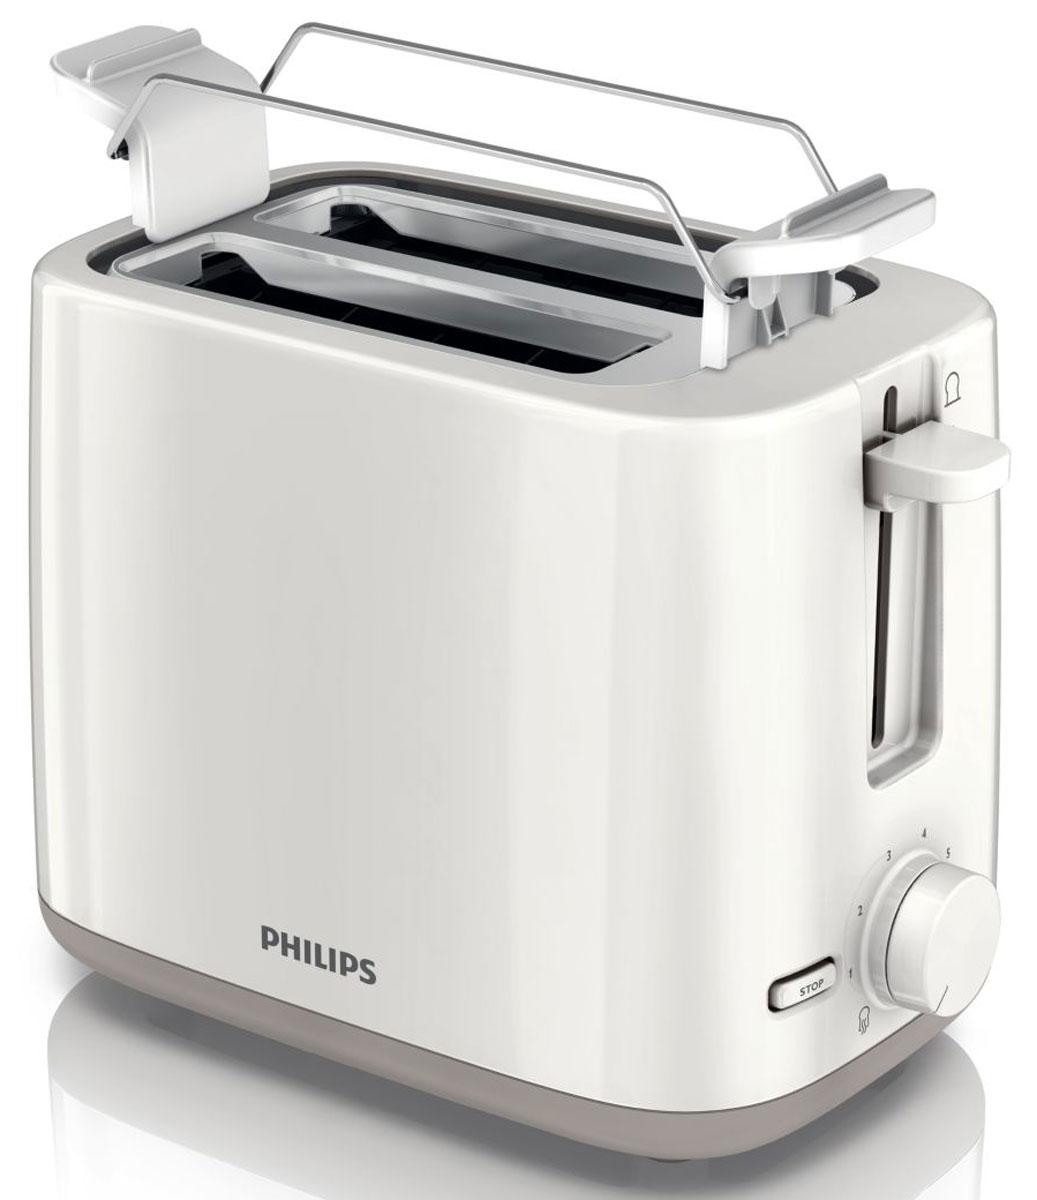 Philips HD2596/00, White тостерHD2596/00Компактный тостер Philips HD2596 позволяет наслаждаться вкусными тостами в любое время. Два больших отделения для тостов с регулируемой шириной для равномерного поджаривания и регулятор степени обжаривания позволяет готовить тосты именно так, как вам нравится. Съемный поддон для крошек облегчает процесс чистки.Подставка для подогрева булочек и круассанов2 широких отделения для обжаривания ломтиков7 режимов обжаривания для приготовления тостов на любой вкусФункция отмены позволяет в любое время остановить приготовление тостов простым нажатием кнопки Стоп.Термоизоляция: корпус не нагревается во время приготовления тостовФункция разморозки для обжаривания замороженных ломтиков хлебаСпециальный подъемник позволяет легко доставать небольшие ломтики хлебаФункция разогрева позволяет подогреть тост за считанные секунды